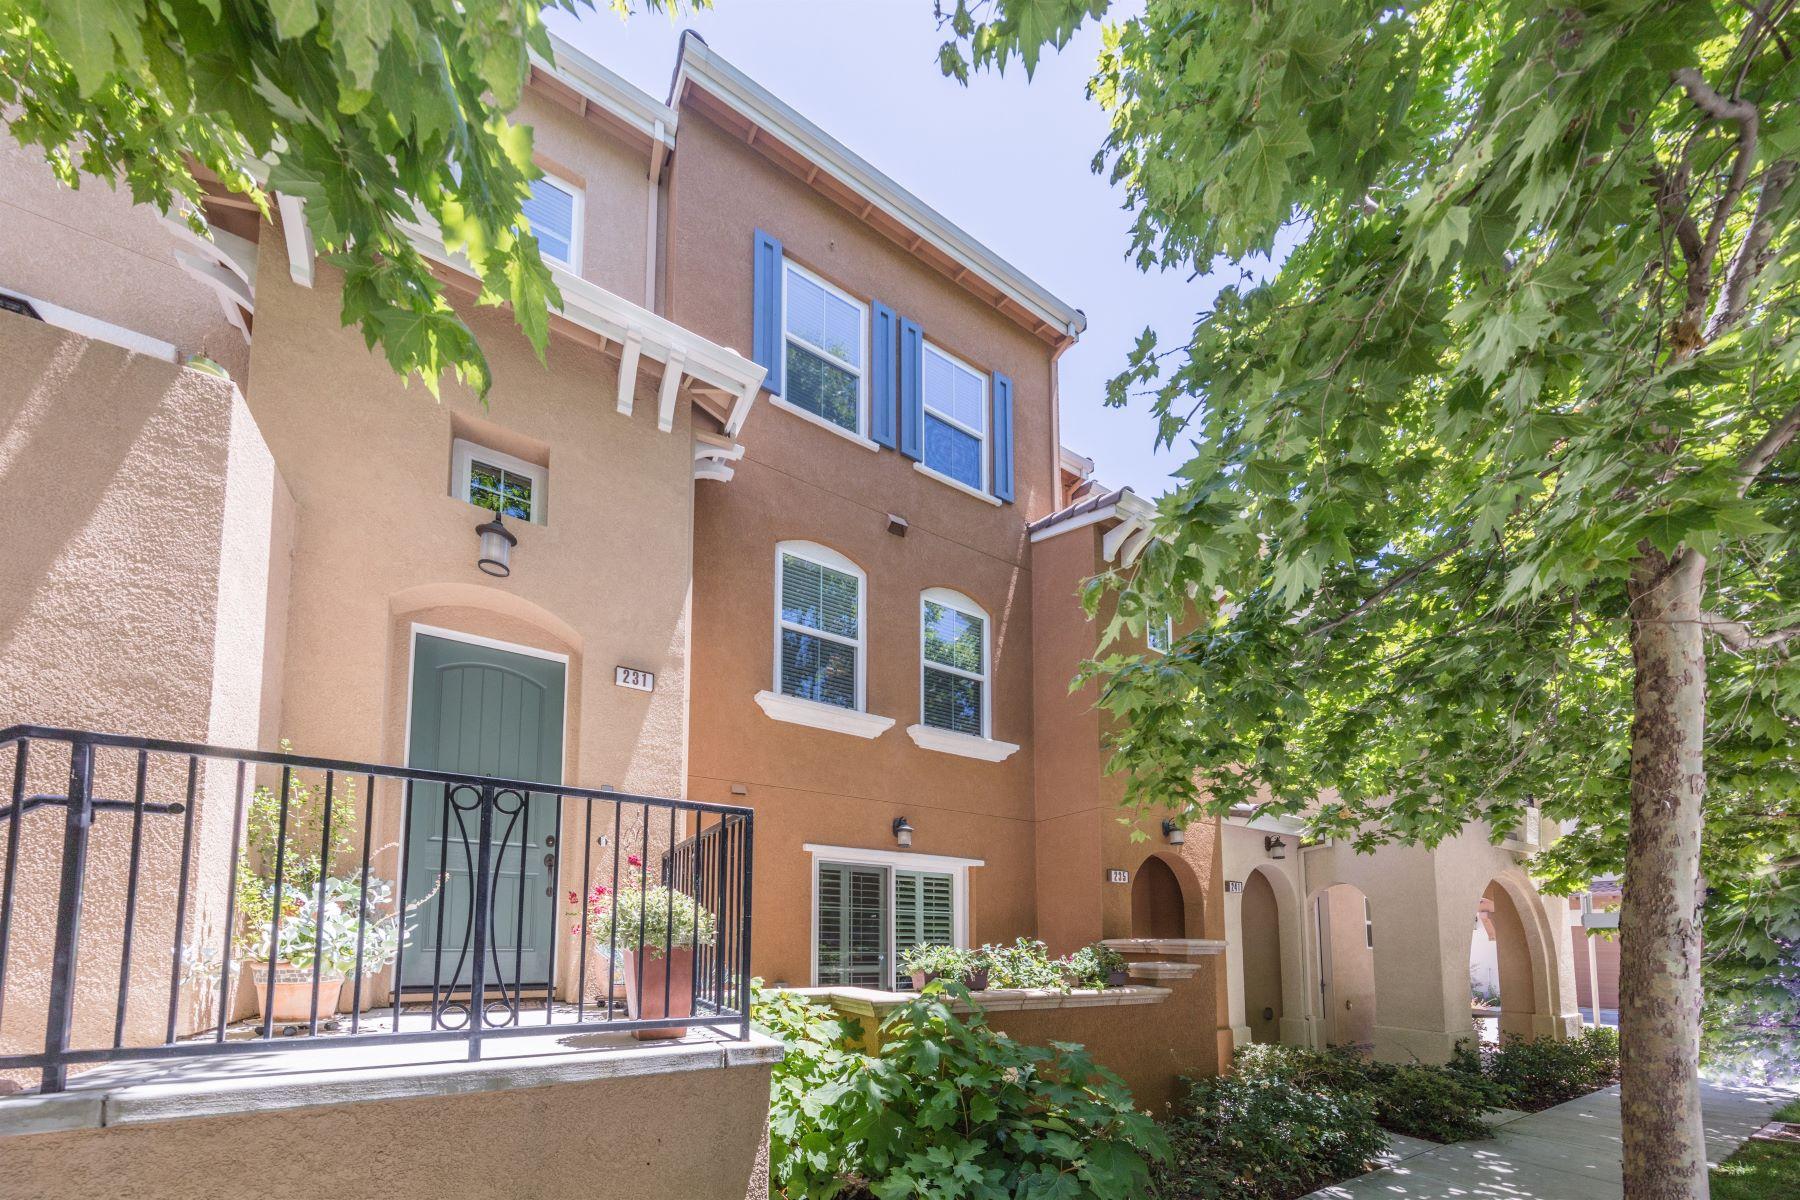 Condominium for Sale at 235 Miro Ave Acampo, California 94041 United States